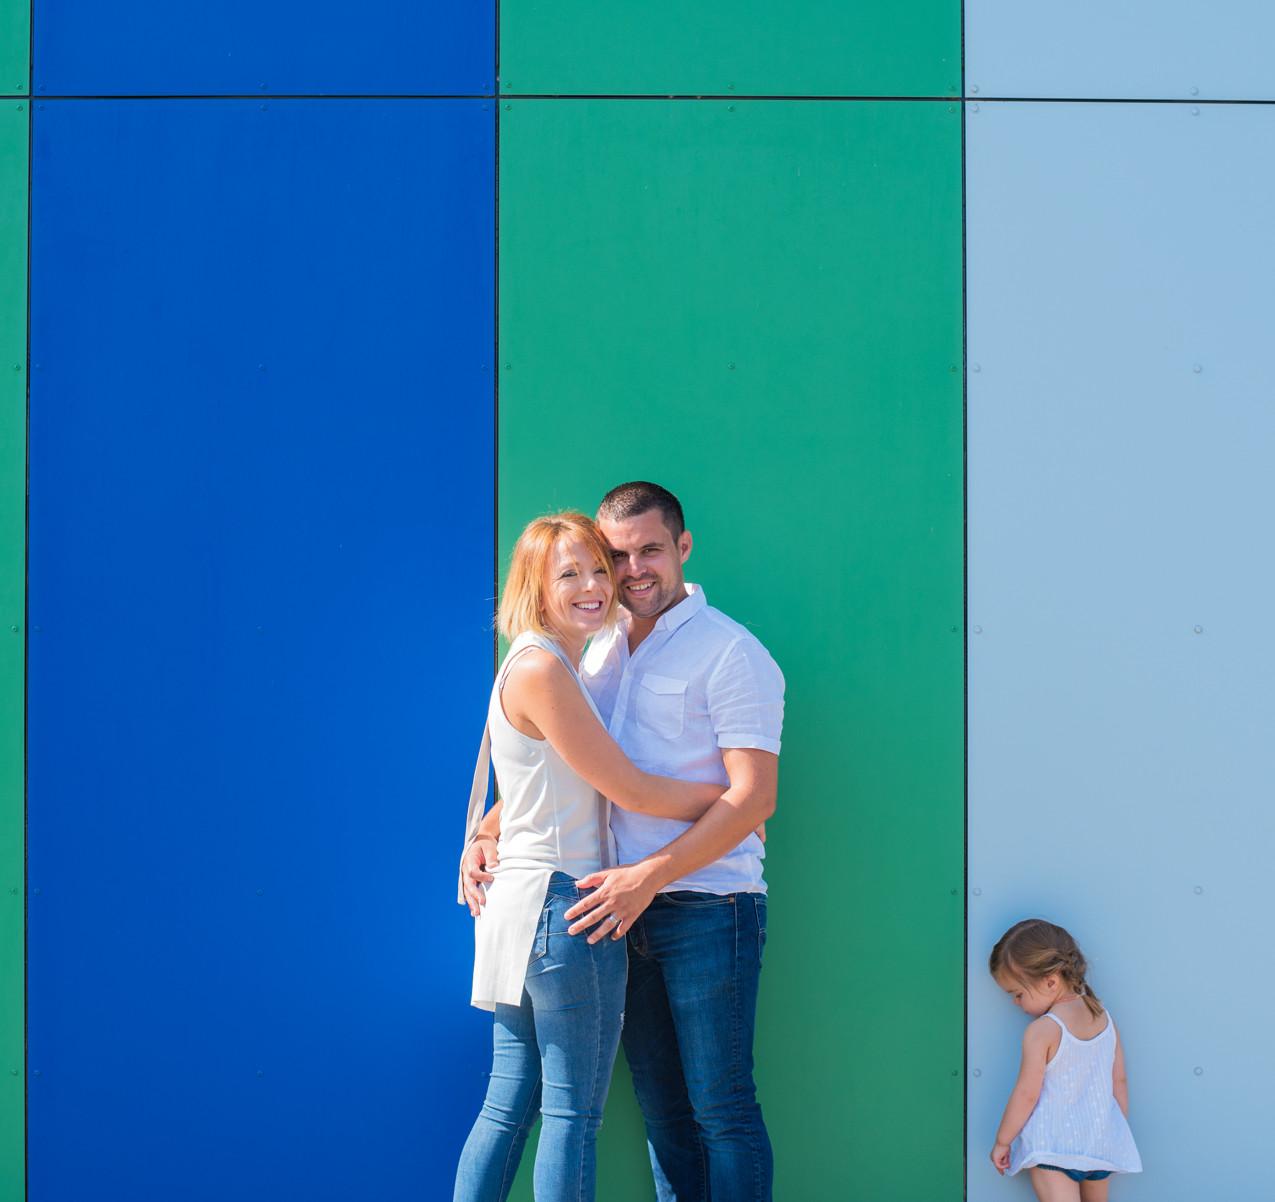 séance photo Boé, mur de couleur